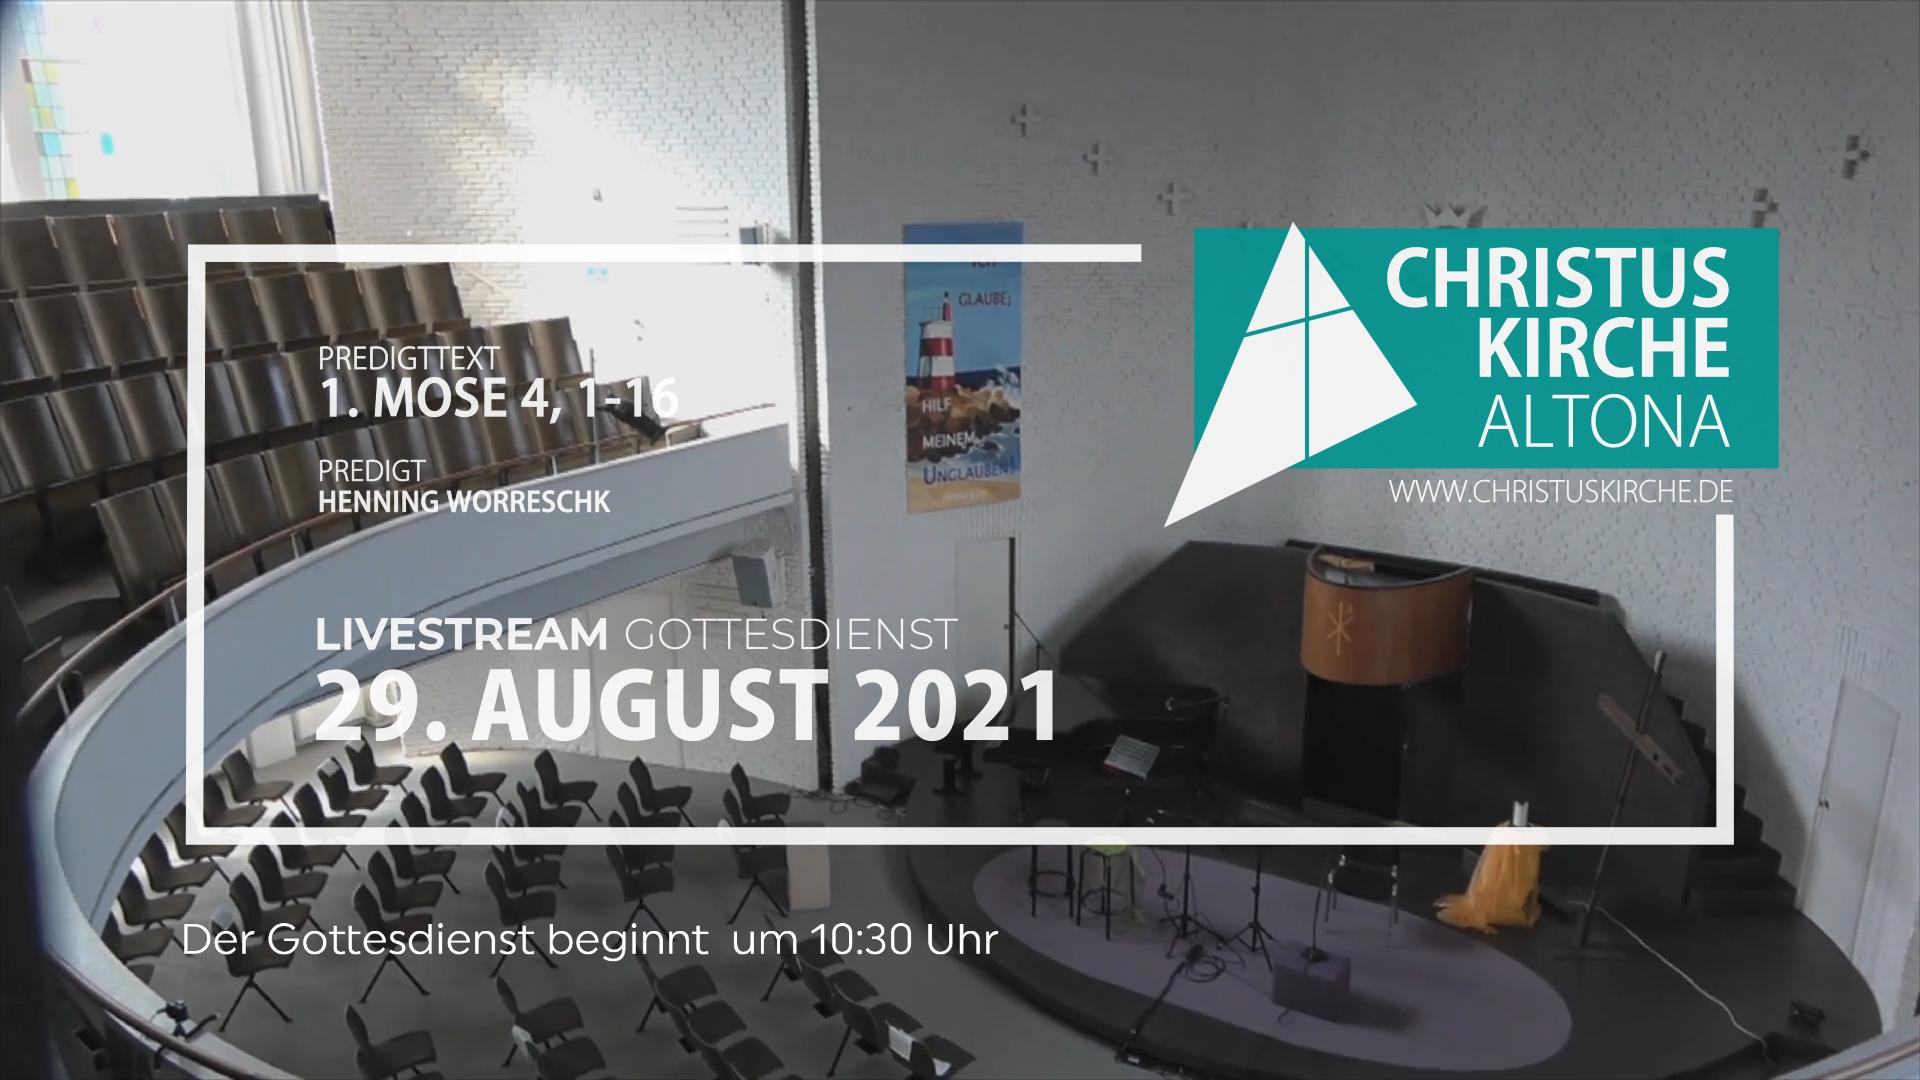 Gottesdienst - am 29. August - Livestream aus der Christuskirche Altona